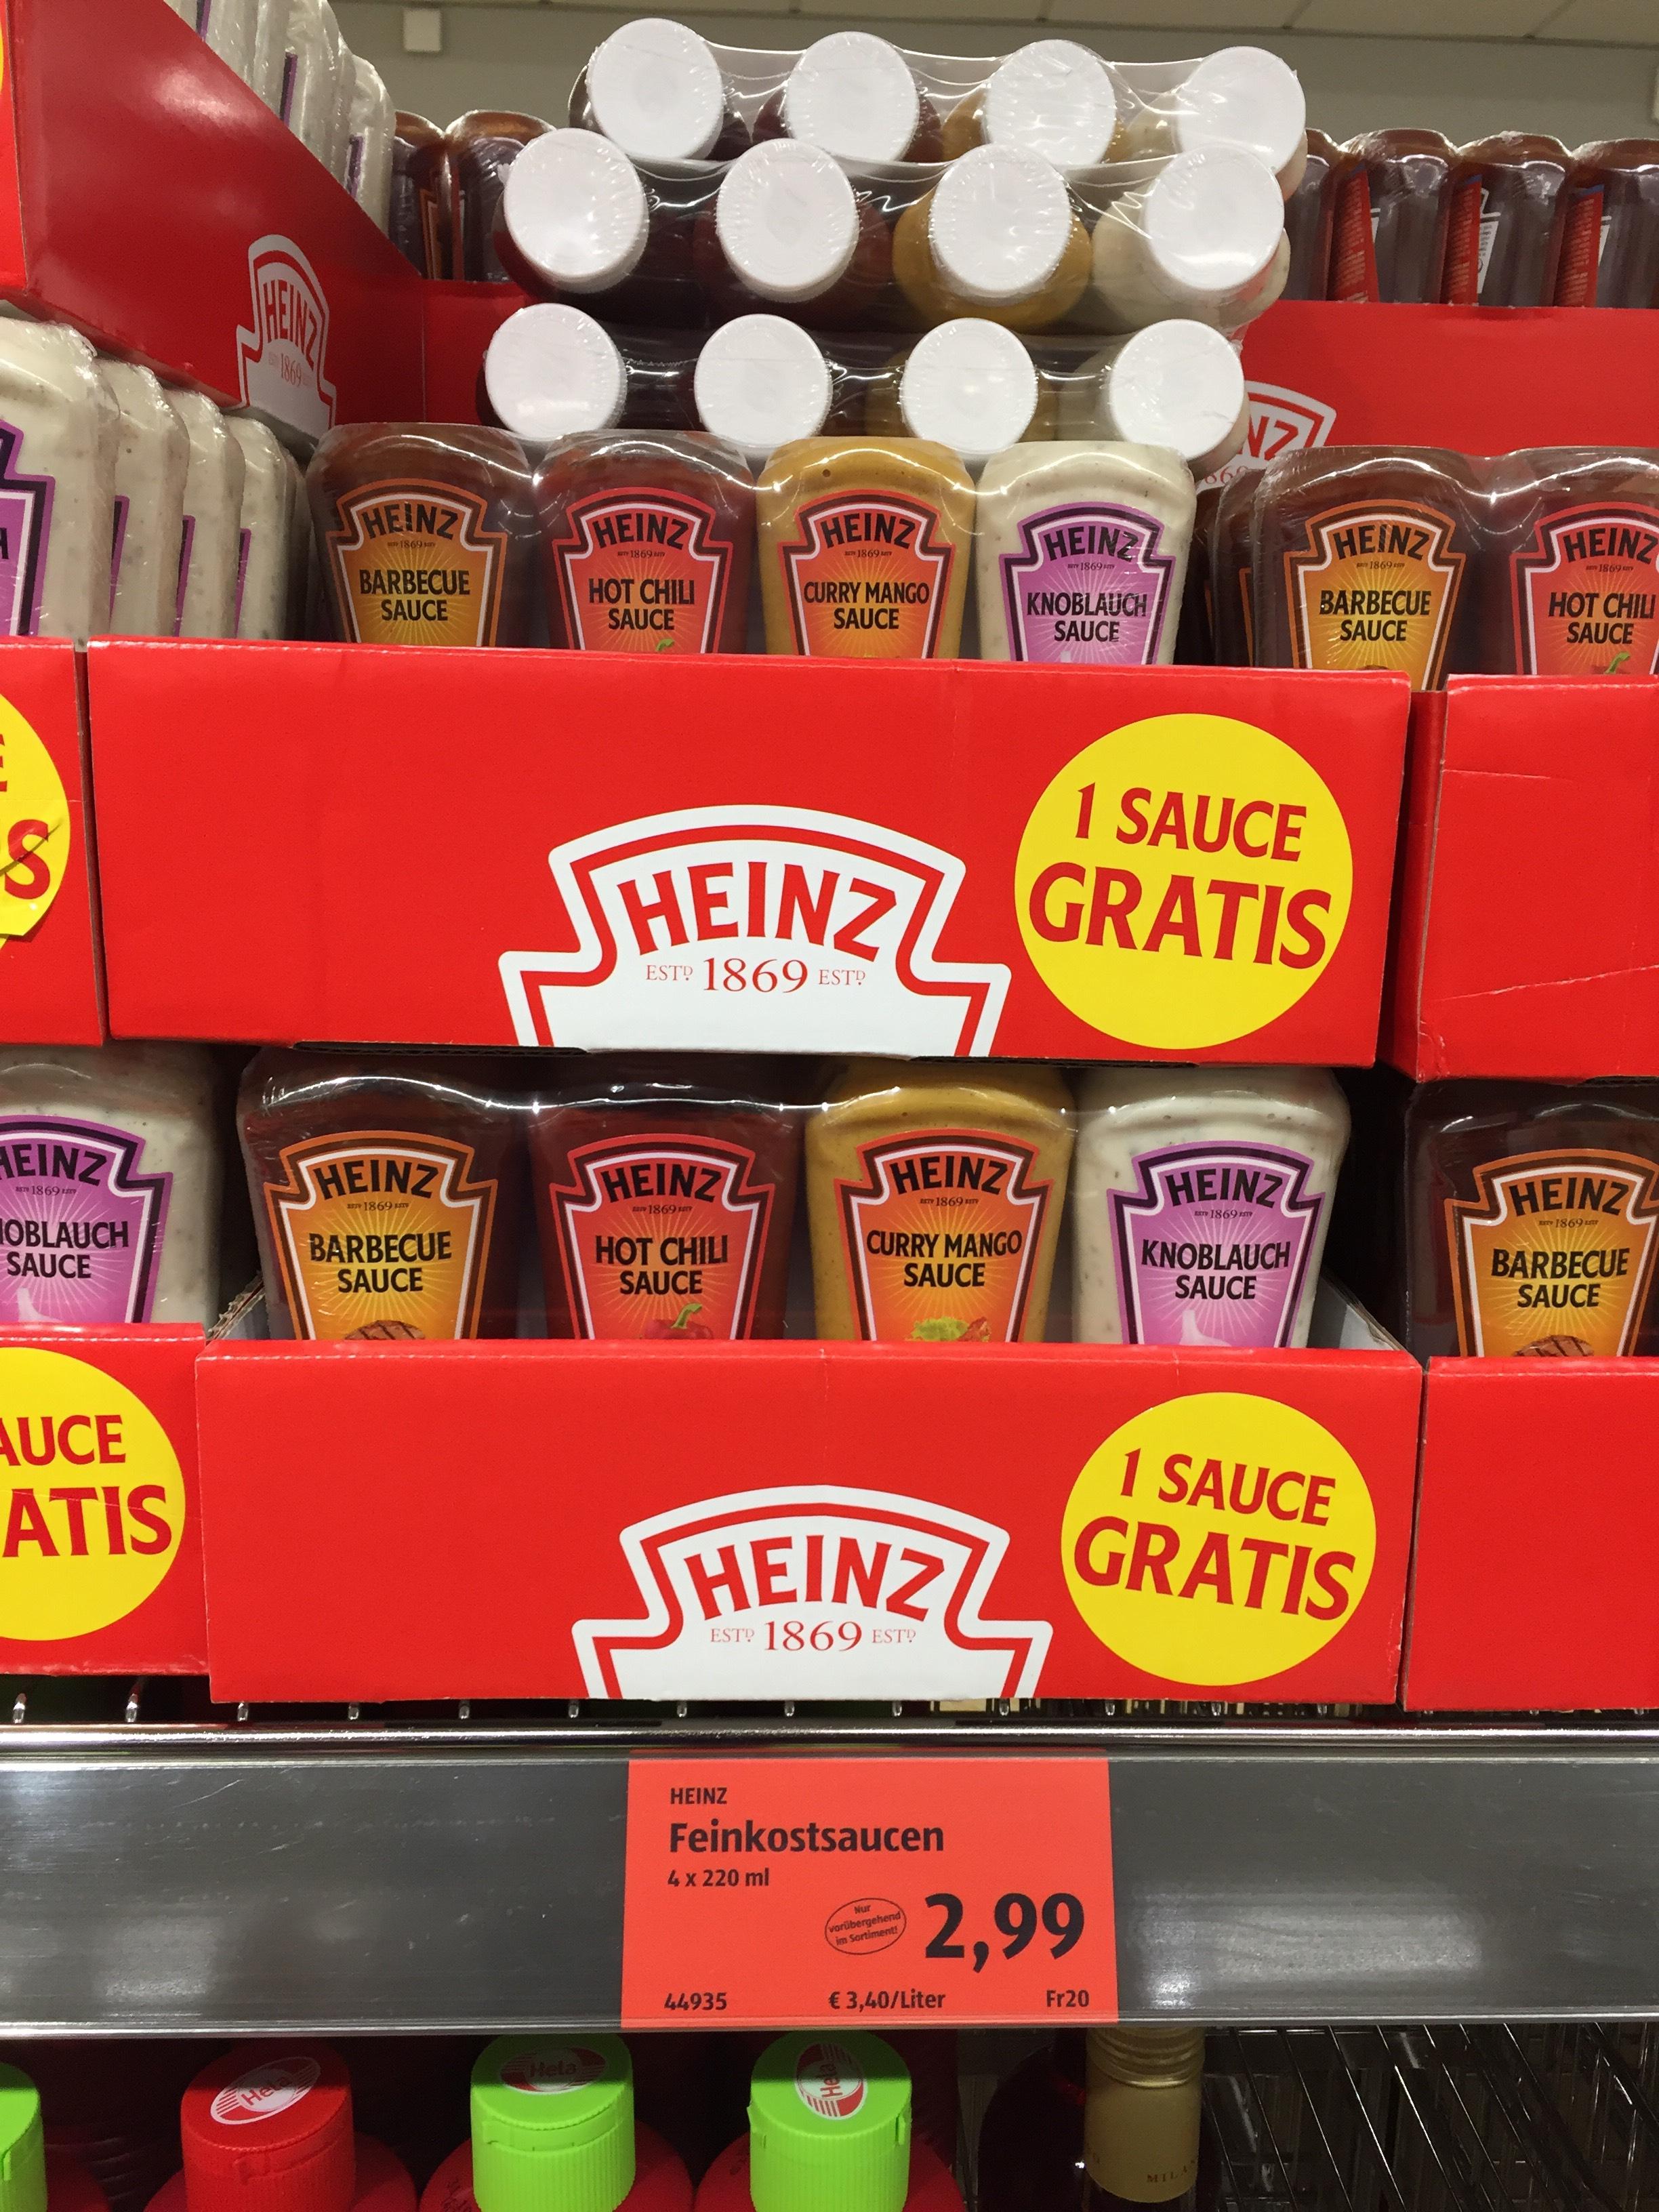 [Aldi Süd] 4x Heinz Feinkostsauce (Grillen) für 2,99€ (0,75€/Flasche)